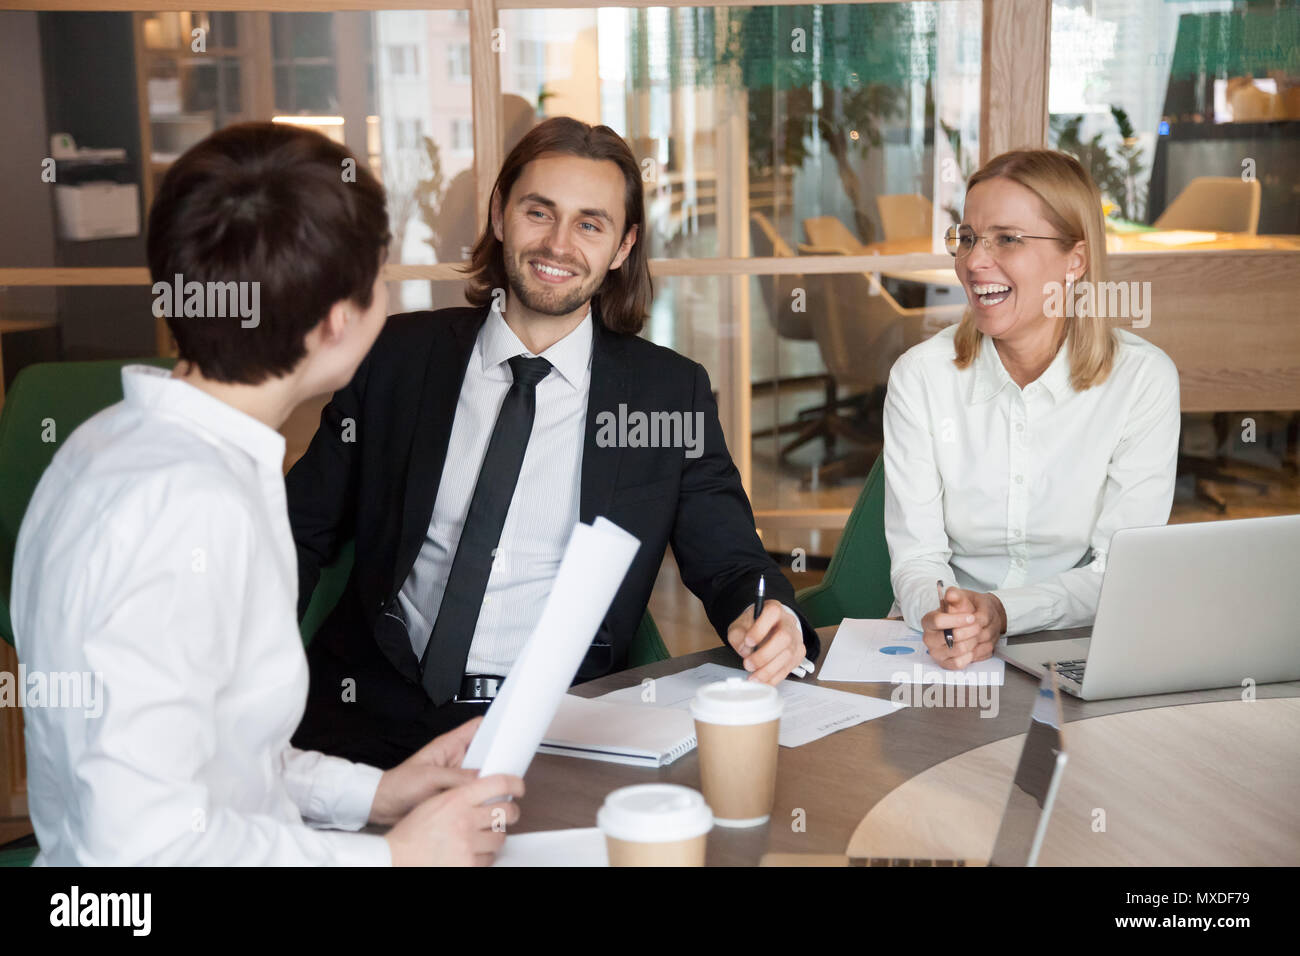 Los partners que tengan una agradable conversación riendo durante m Imagen De Stock